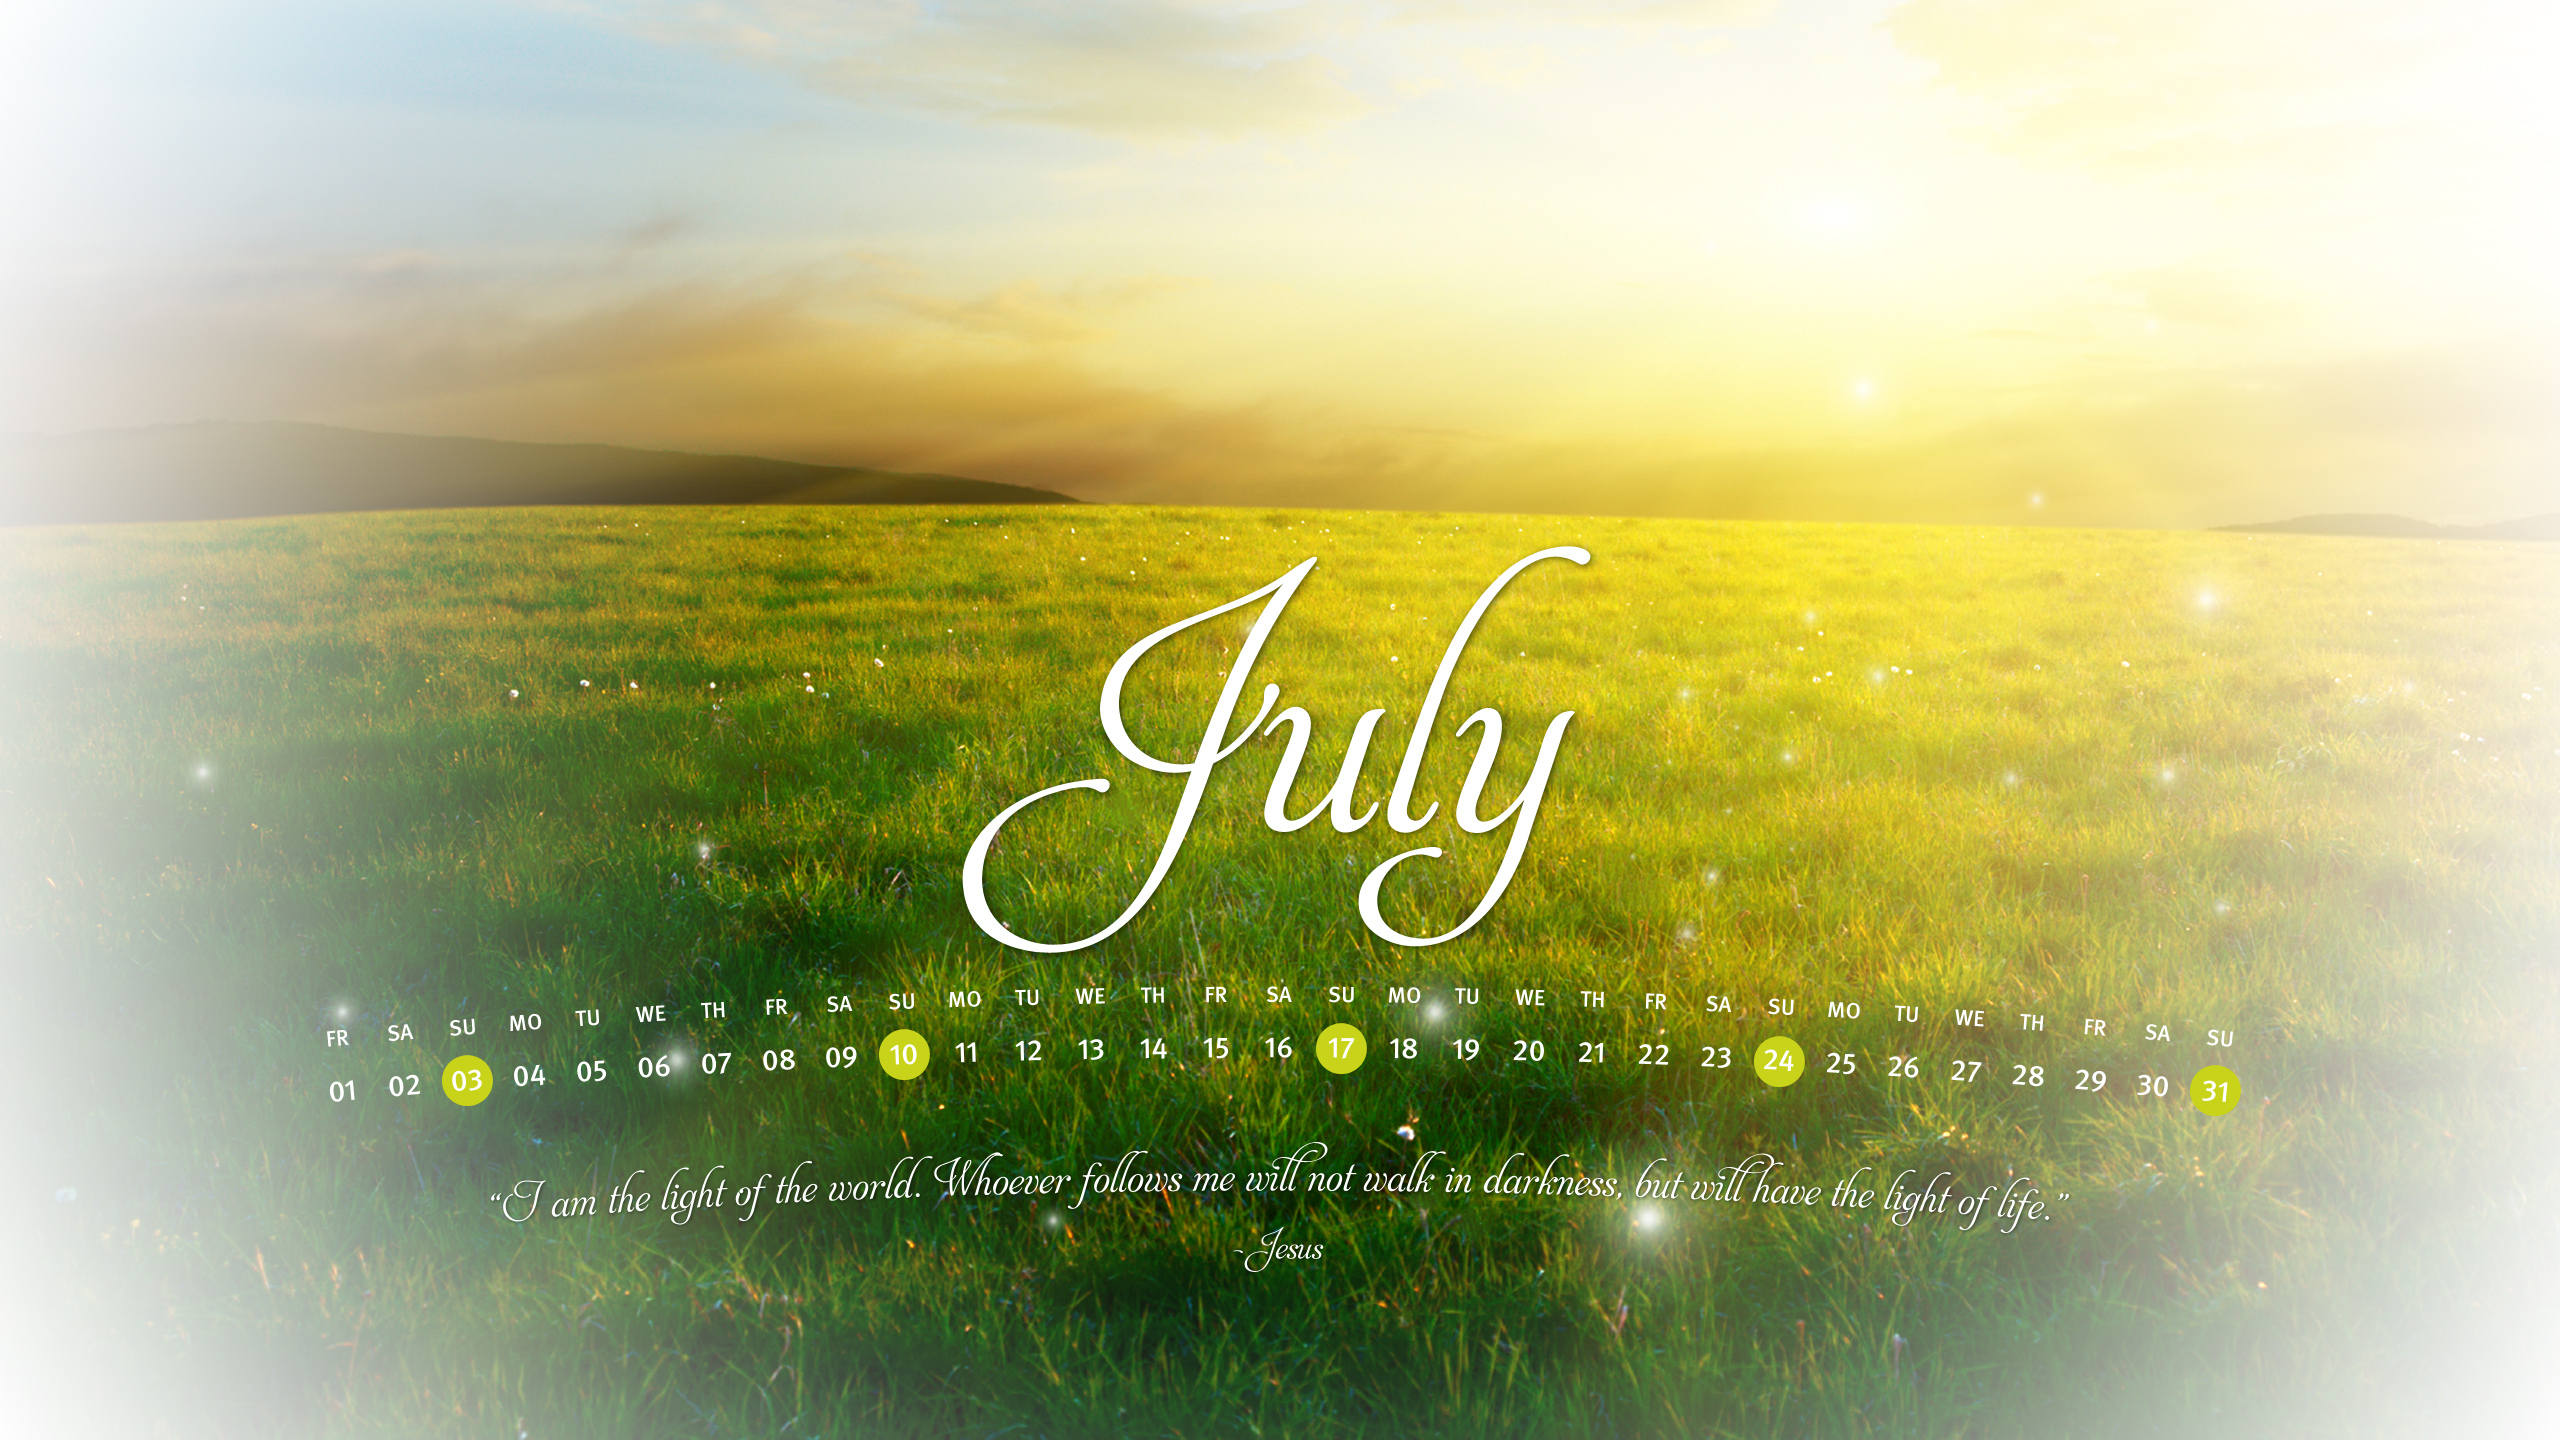 Christian Wallpaper Calendar : Christian calendar wallpaper and screensavers